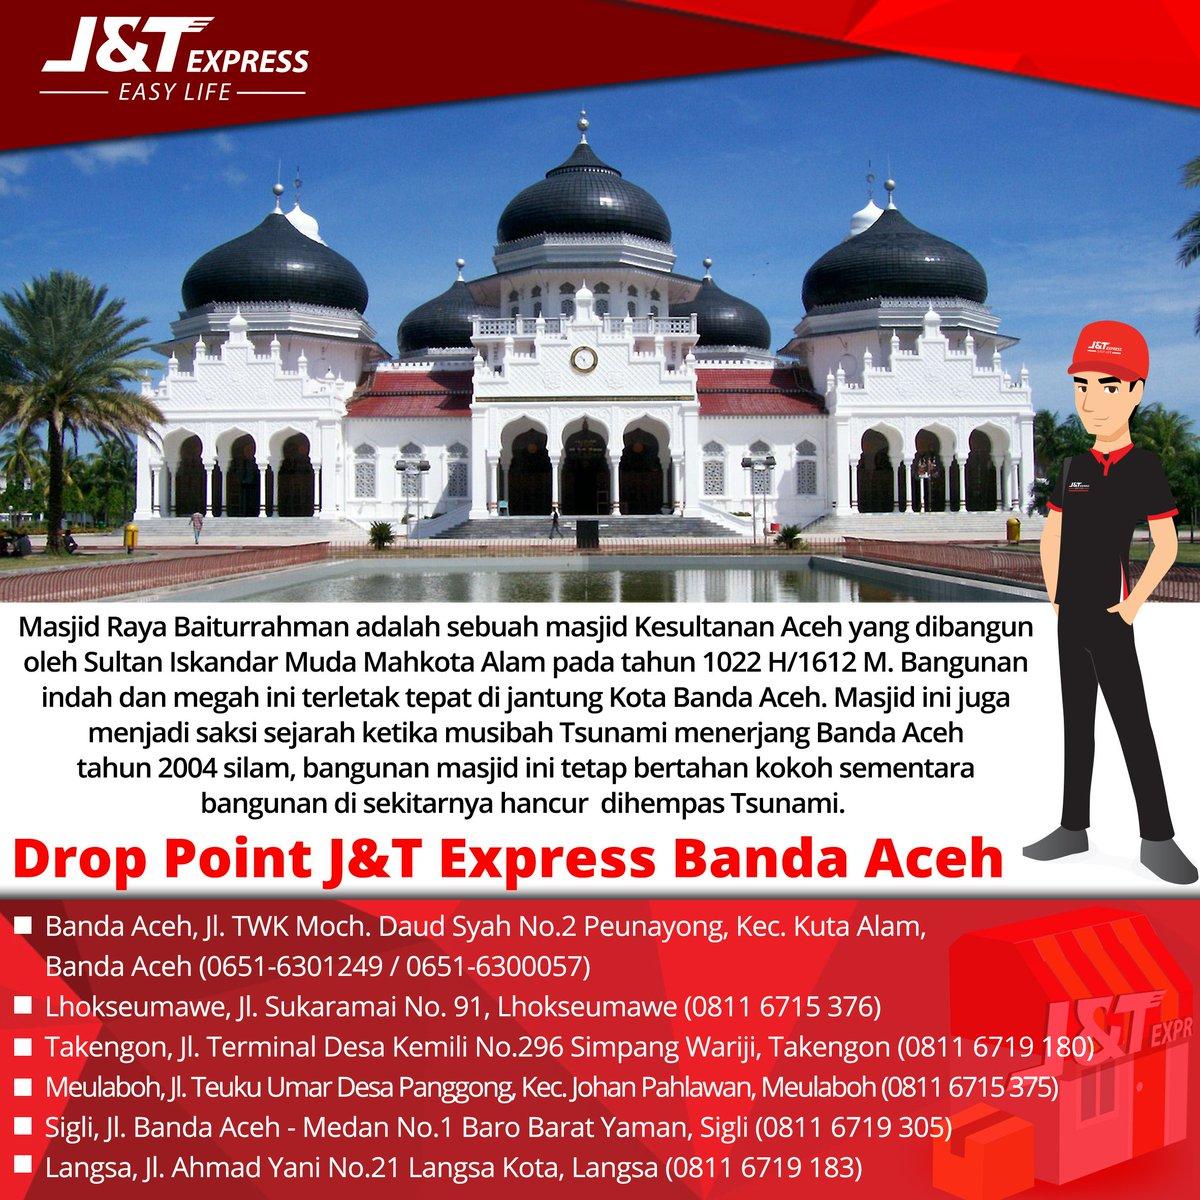 J T Express Indonesia On Twitter Warga Banda Aceh Dapat Menghubungi Drop Point Terdekat Dari Rumah Anda Jtexpressid Dpbandaaceh